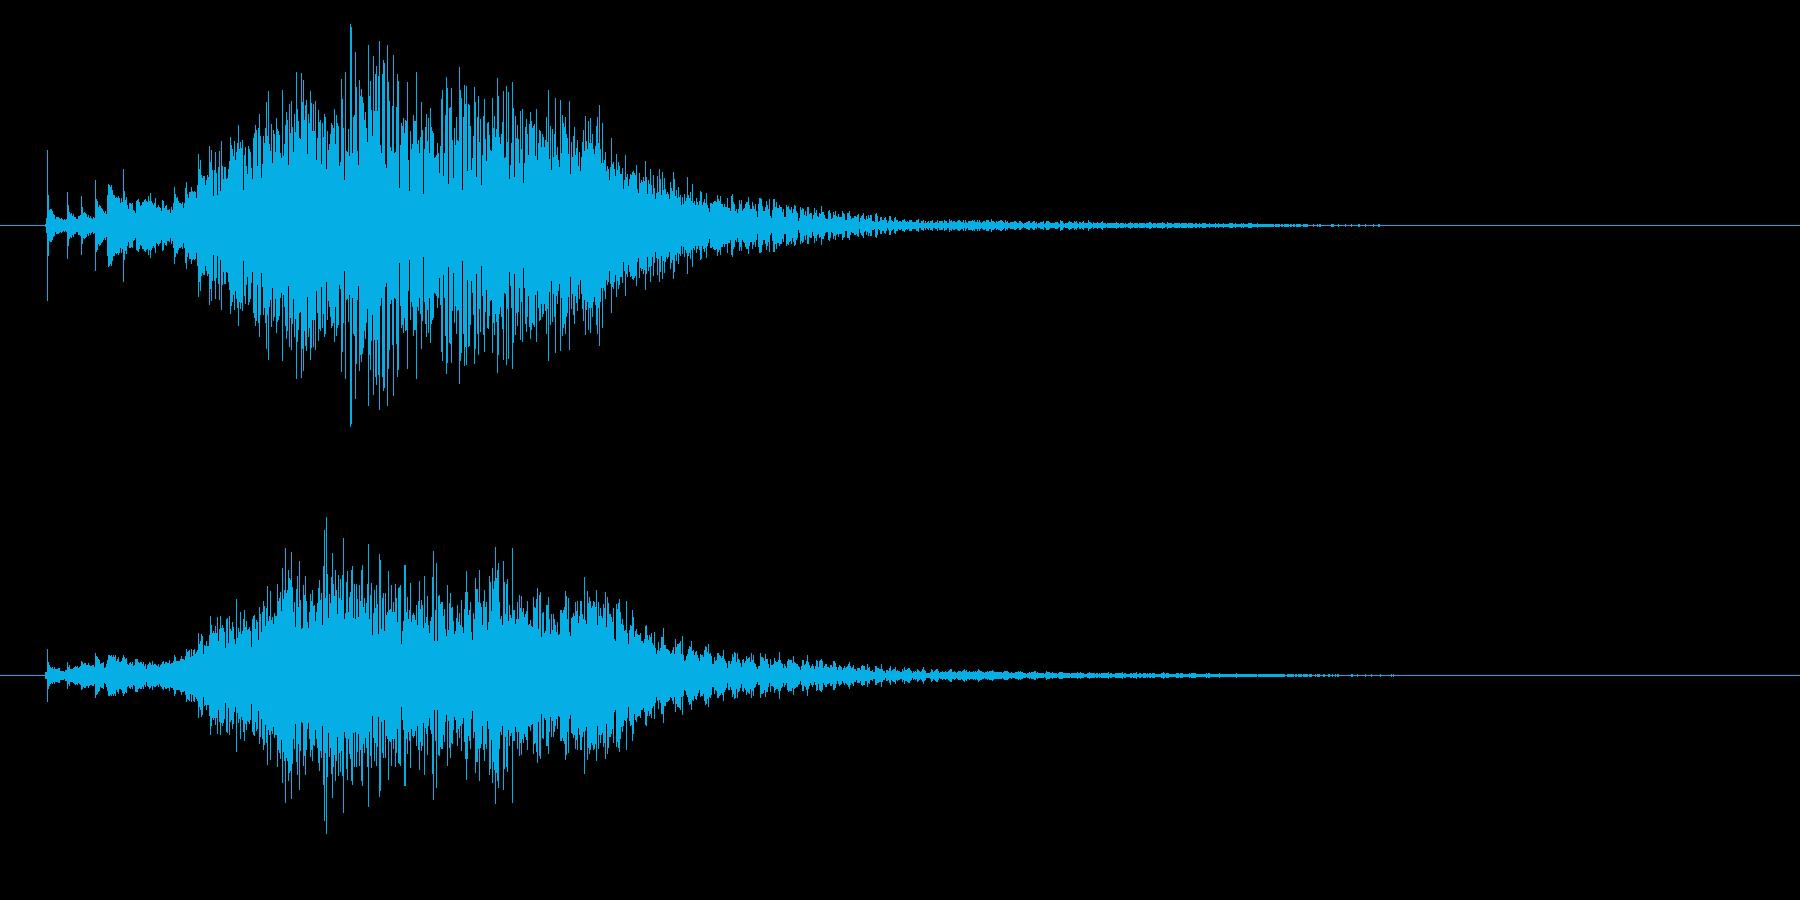 ハープのグリッサンド2の再生済みの波形